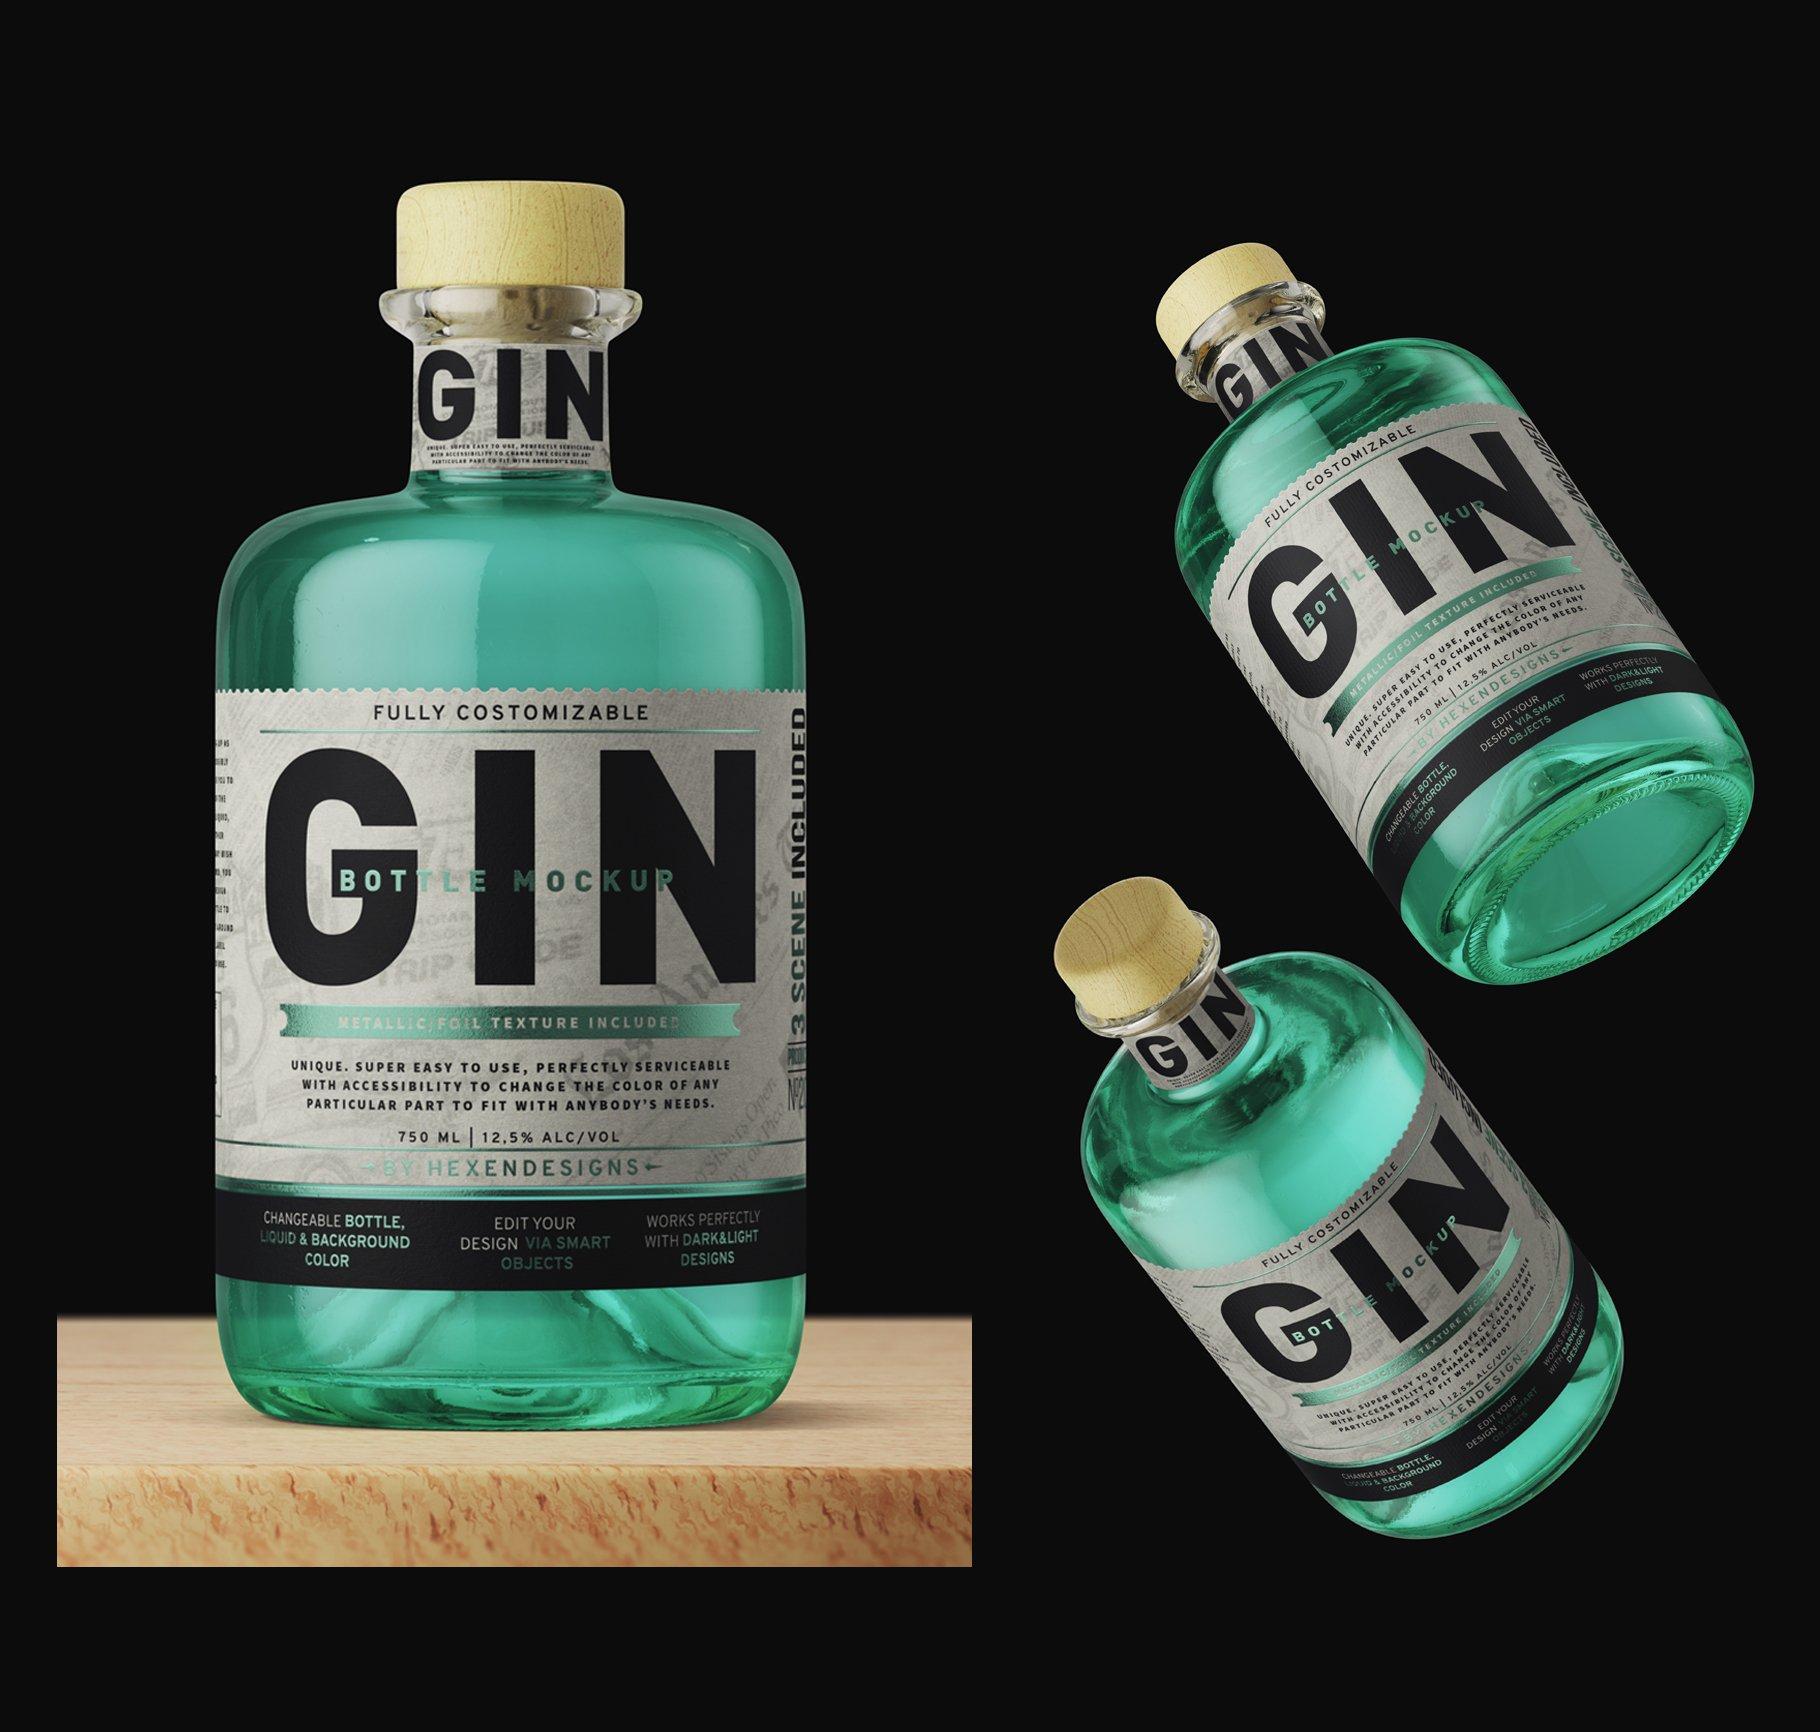 杜松子玻璃酒瓶标签设计展示样机模板 Gin Bottle Mockup插图(1)